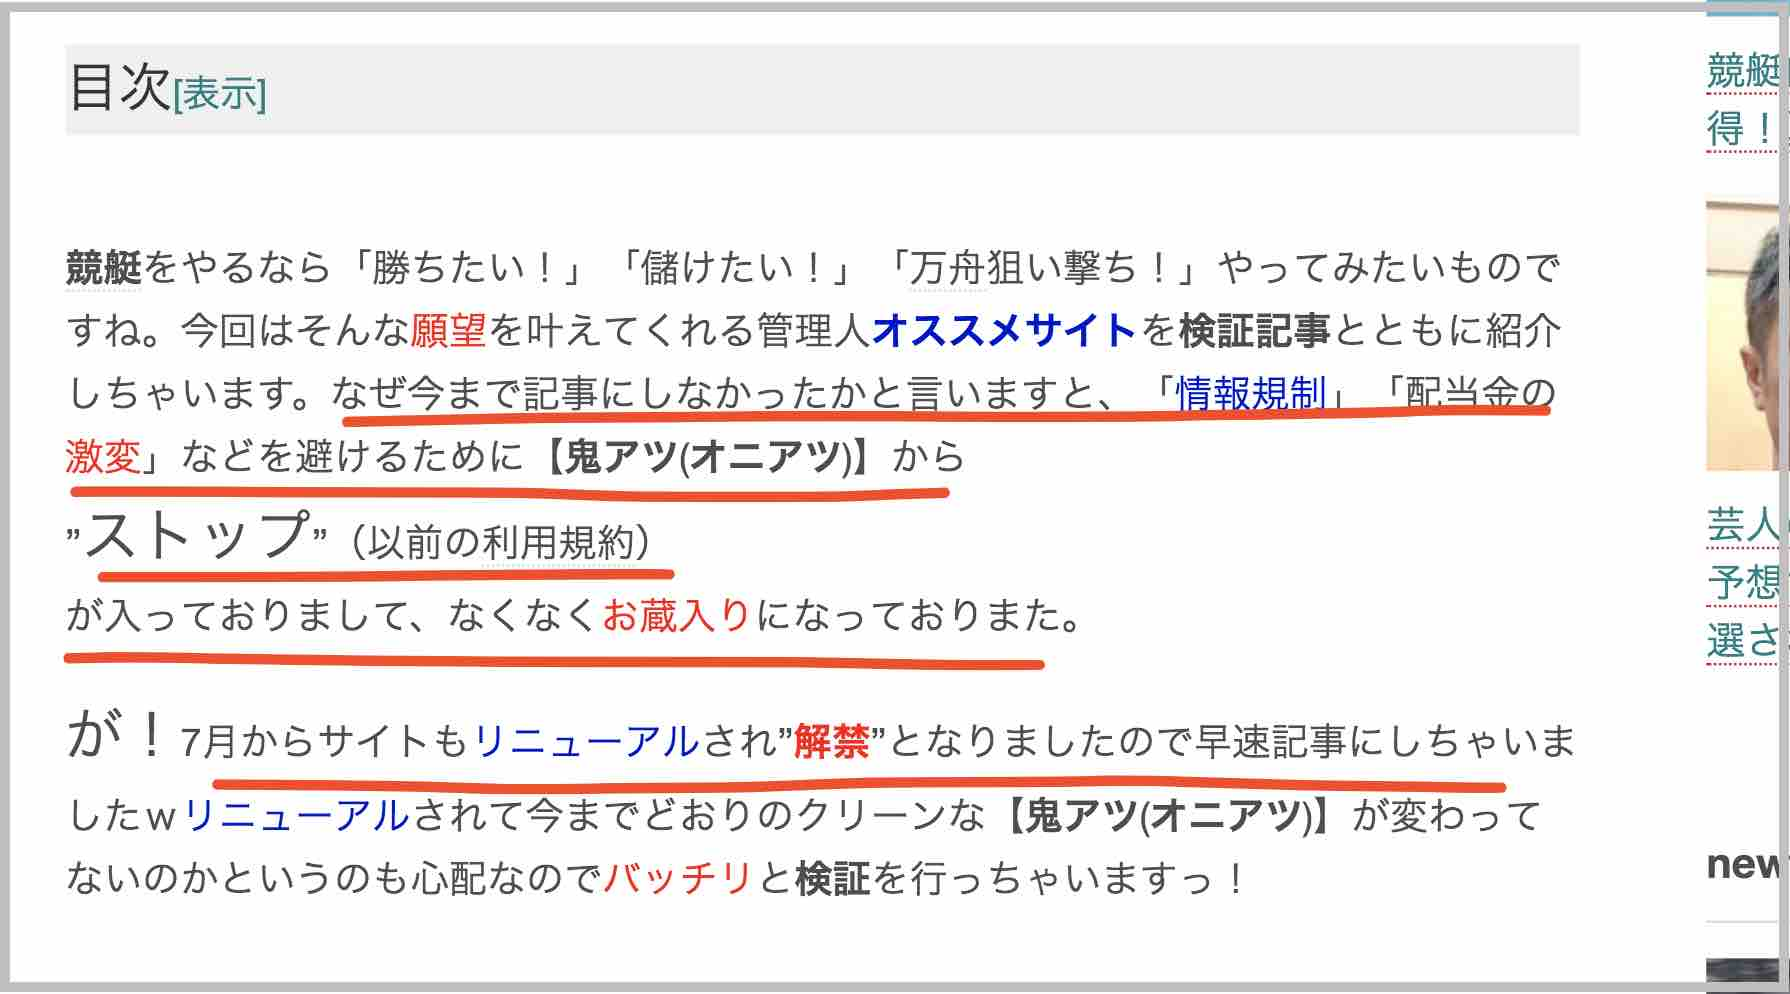 競艇鬼アツ(競艇オニアツ)という競艇予想サイトの評価サイトがおかしい